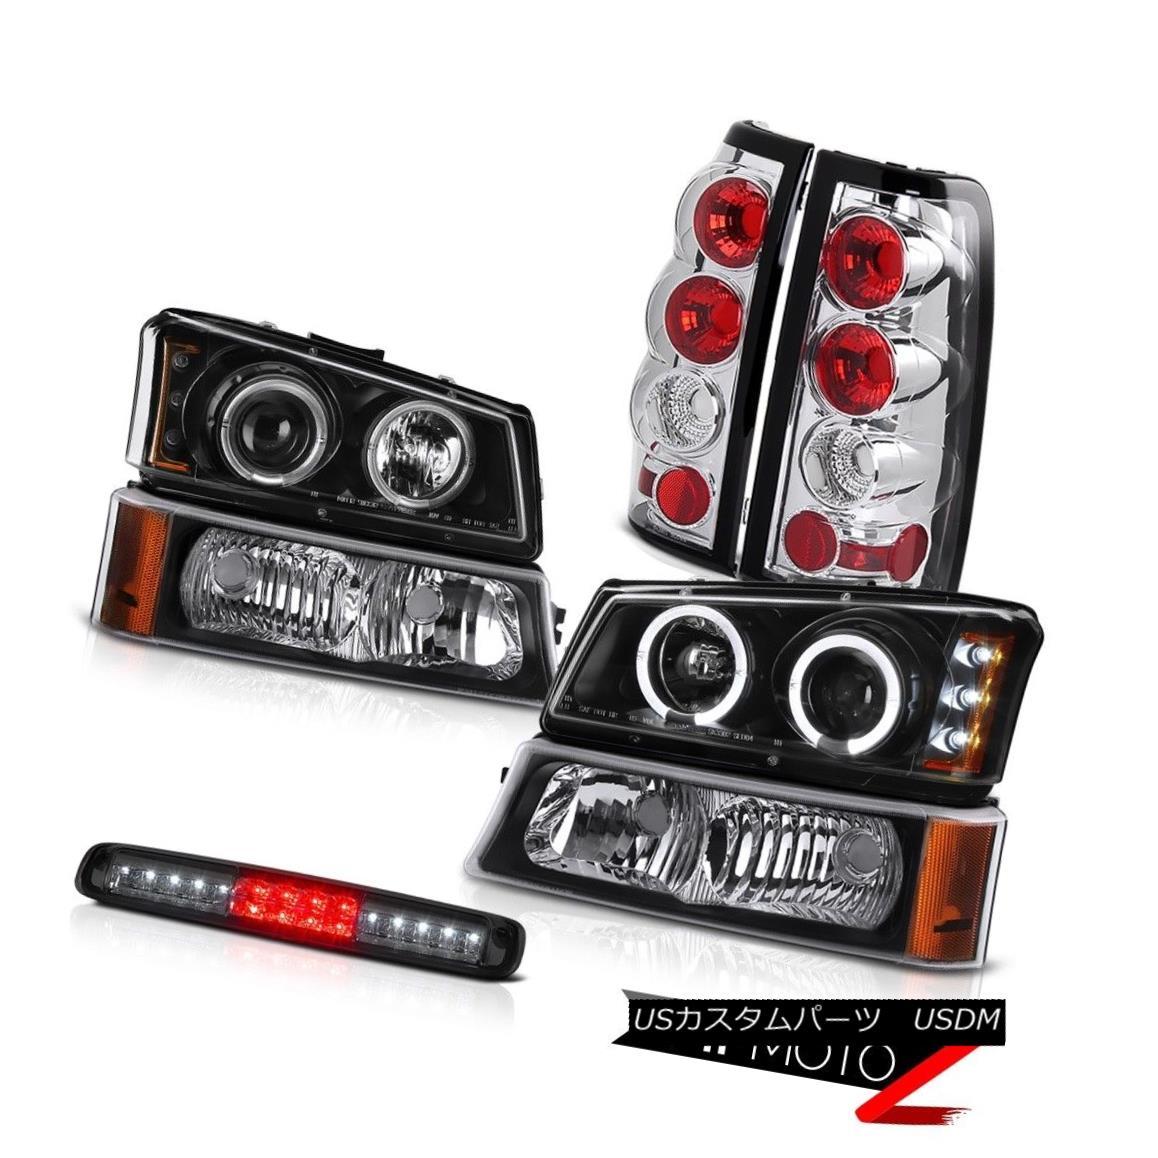 テールライト 03-06 Silverado Nighthawk Black Bumper Light High Stop Lamp Headlamps Tail Lamps 03-06シルバラードナイトホークブラックバンパーライトハイストップランプヘッドランプテールランプ